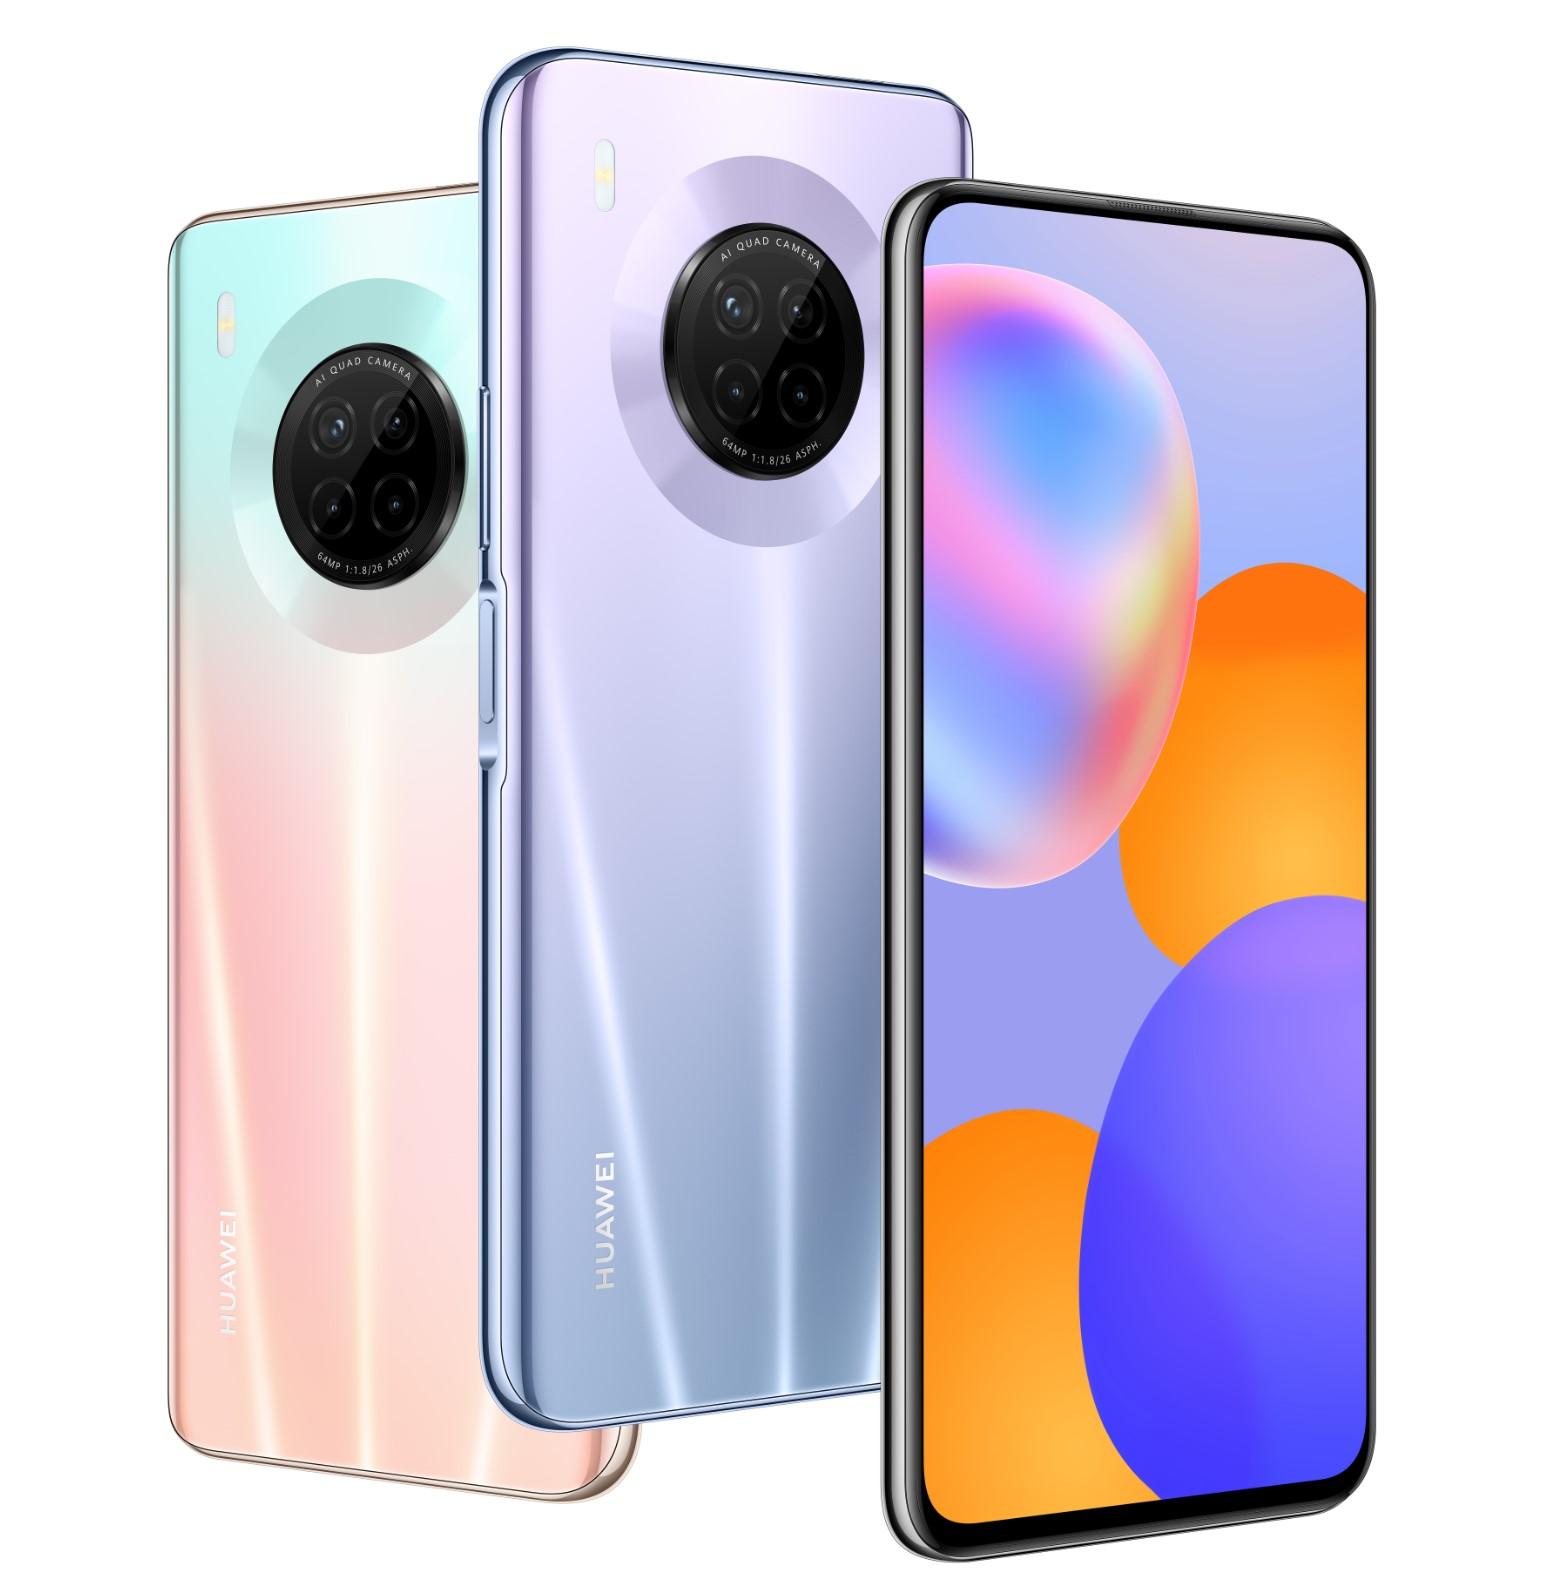 Huawei Y9a ofrece una experiencia visual icónica